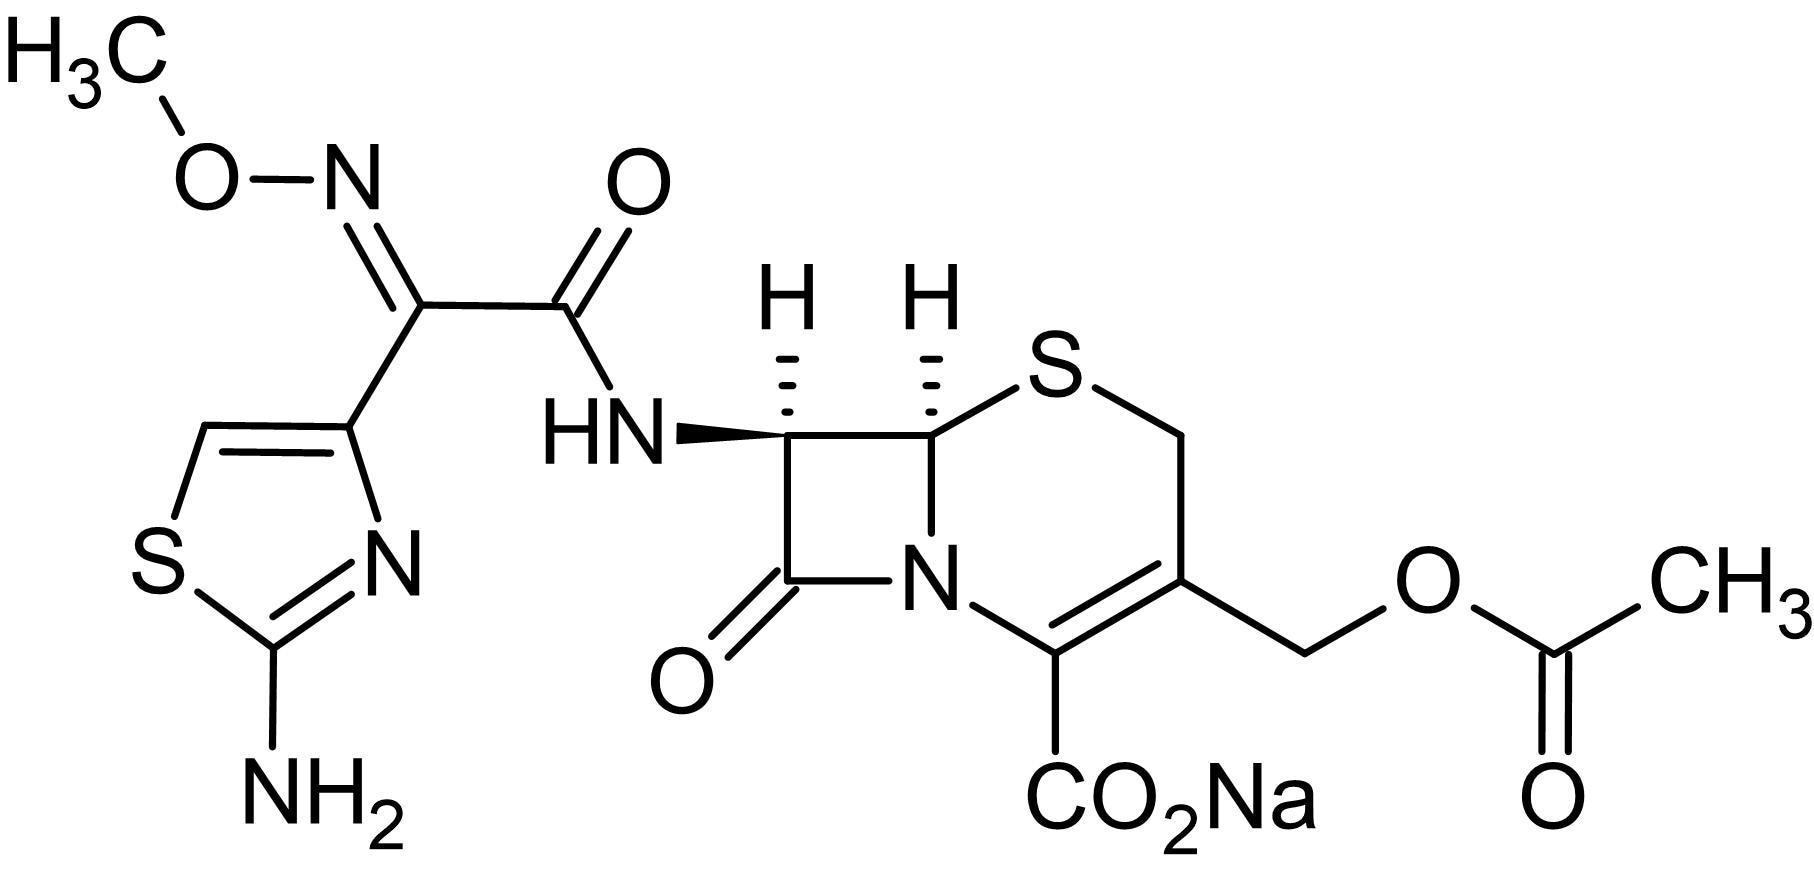 Chemical Structure - Cefotaxime sodium, cephalosporin antibiotic (ab143376)